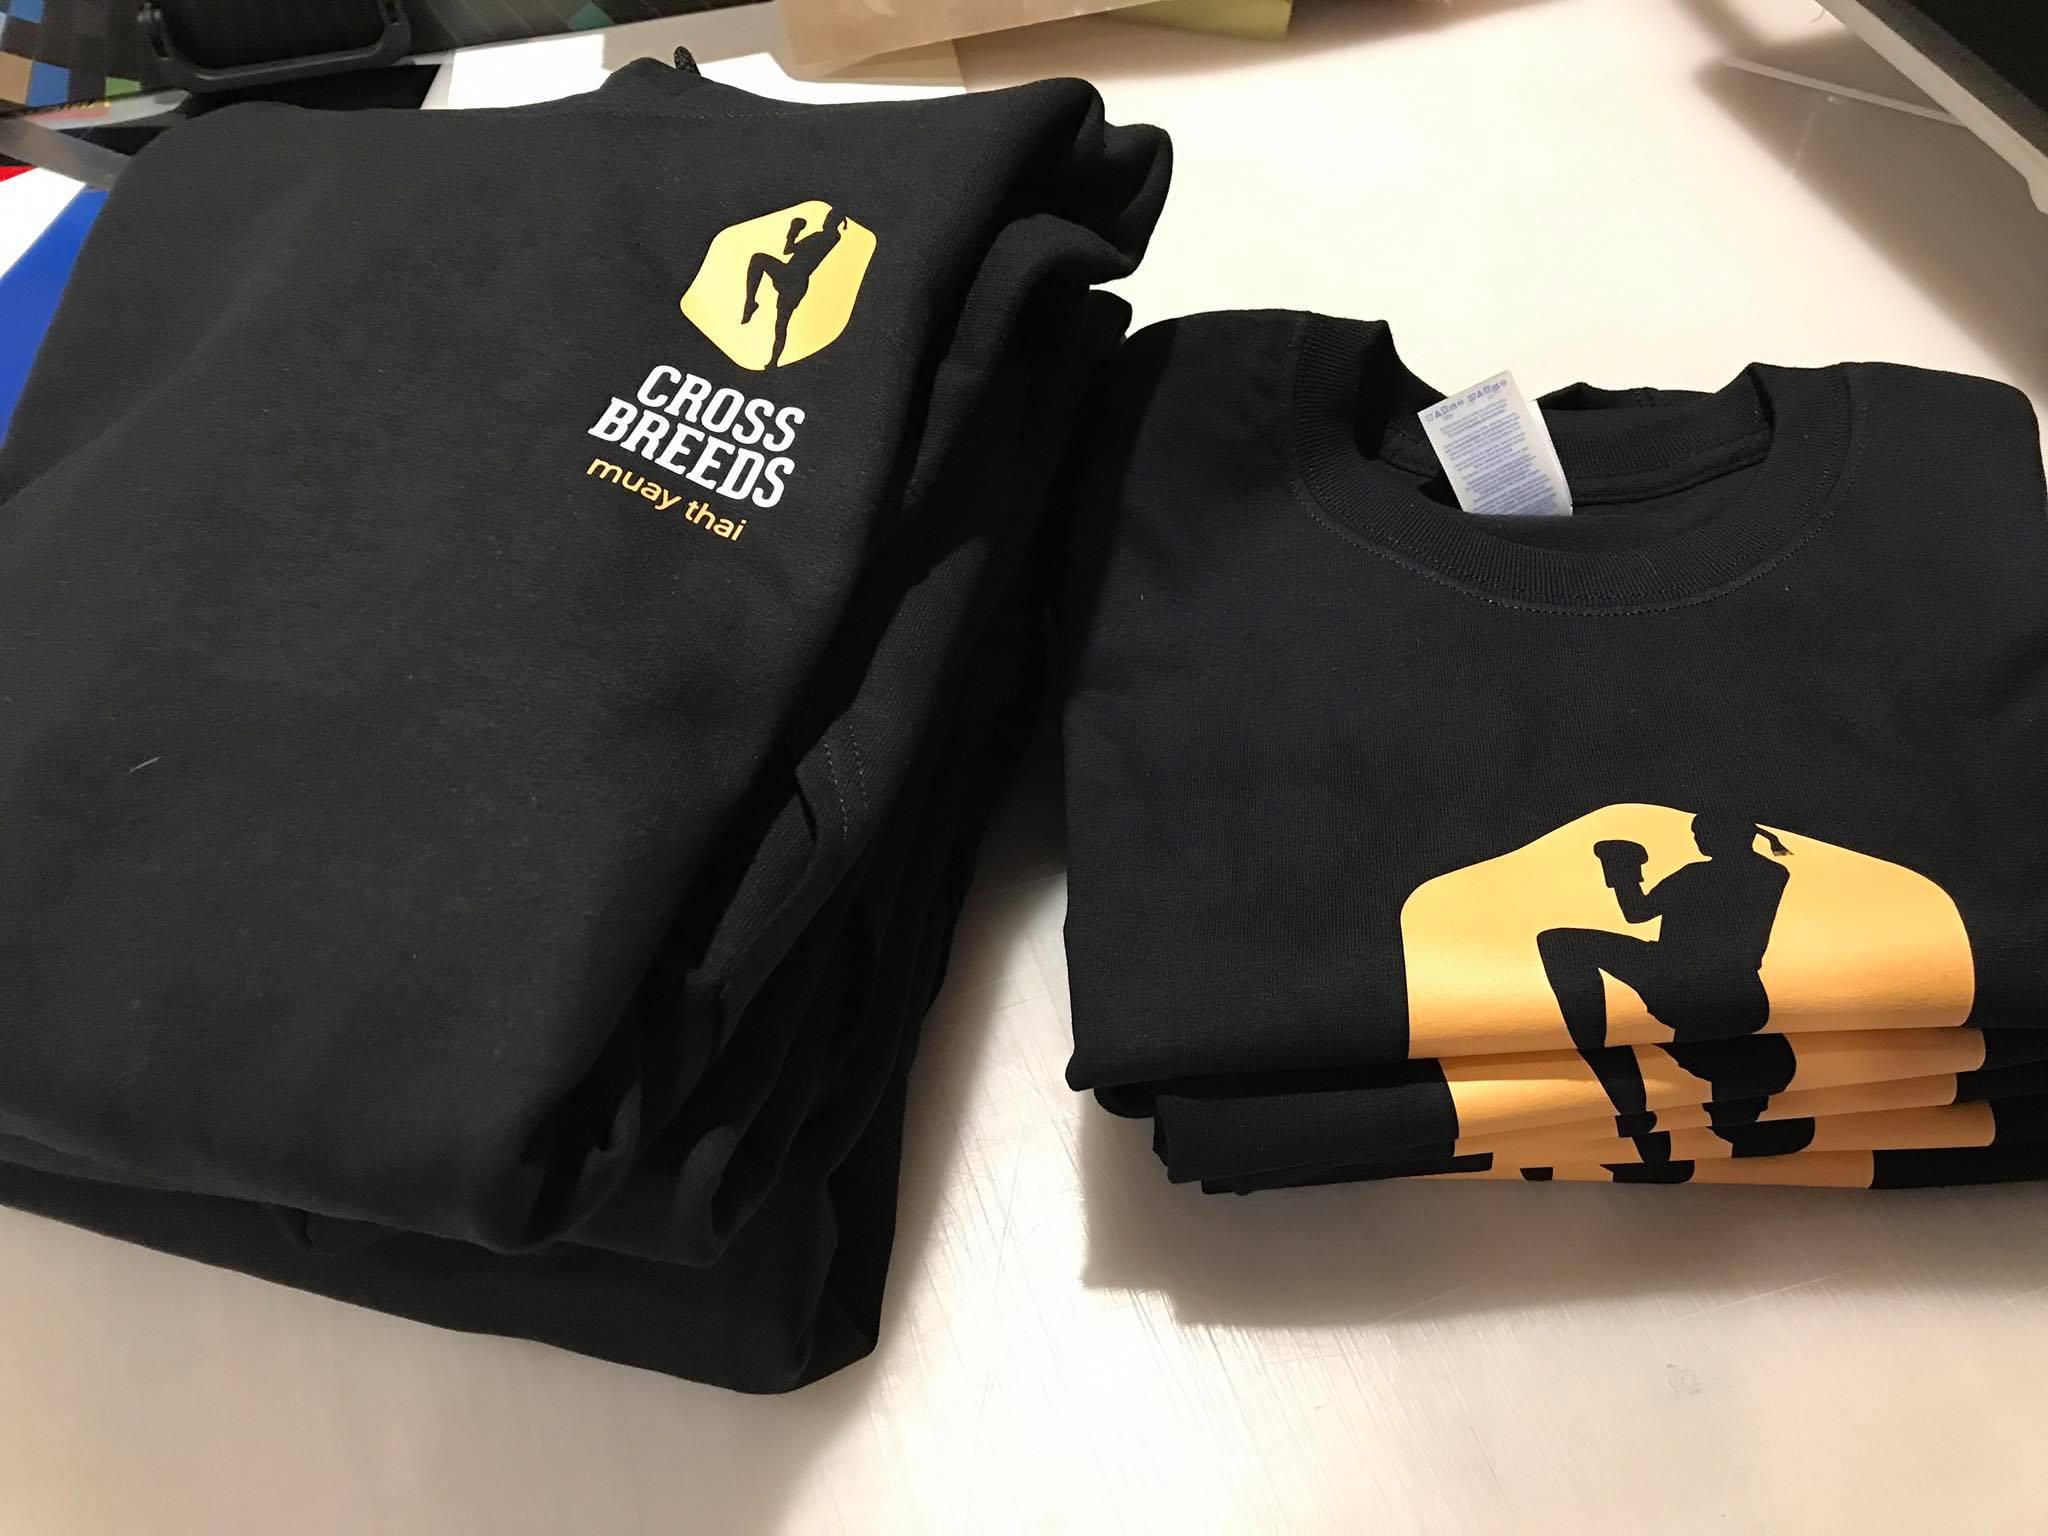 Cross Breeds Shirts